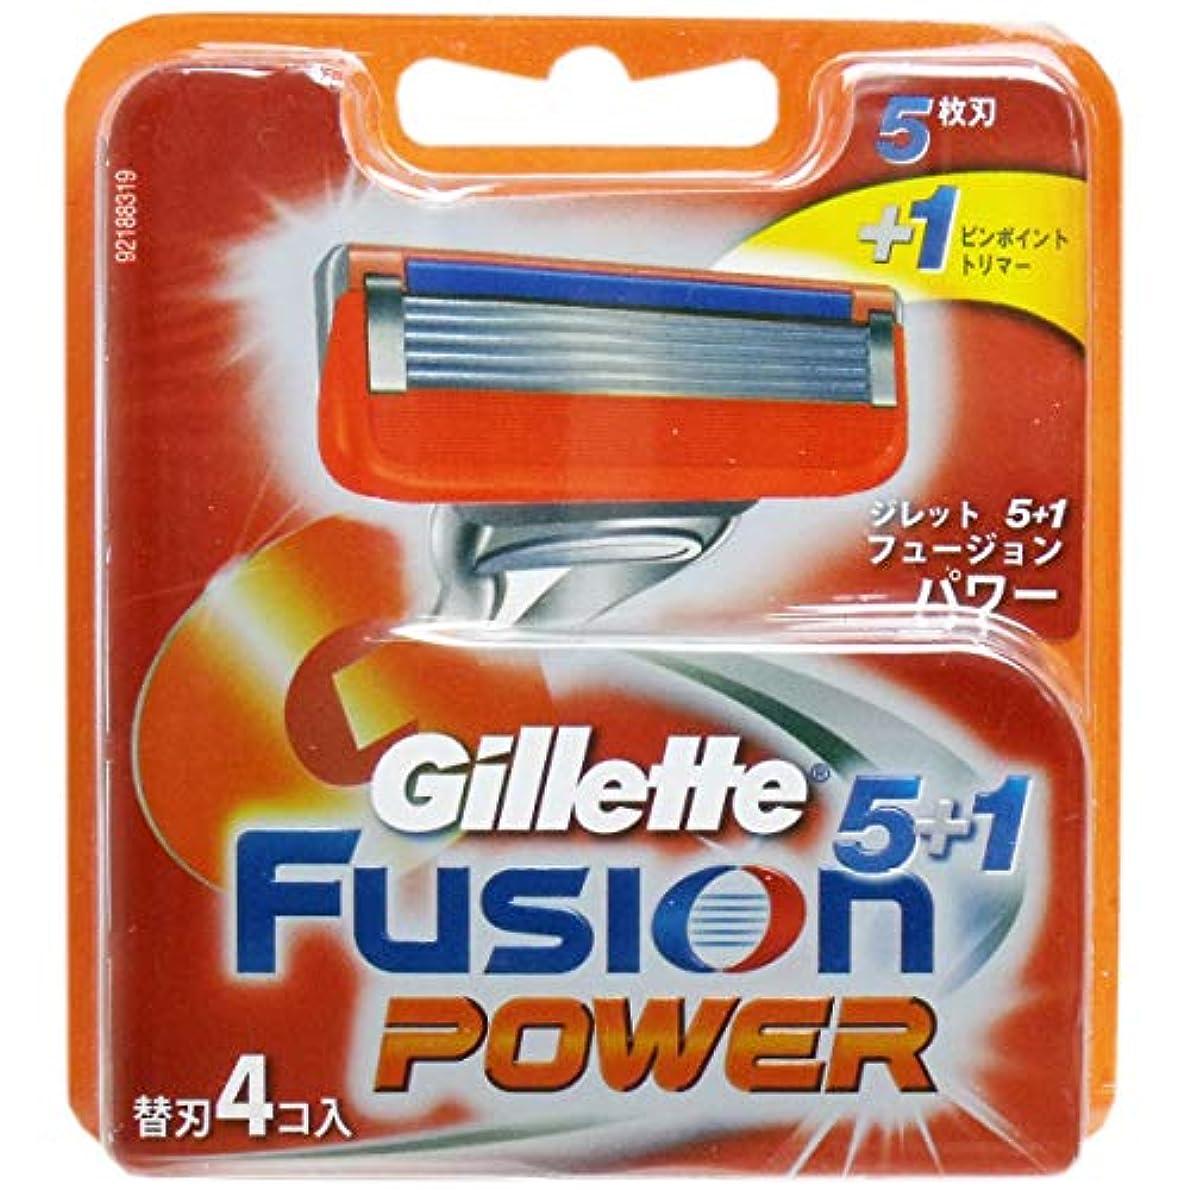 幻想的移植刺すジレット フュージョン5+1 パワー 替刃 4個入×2個セット